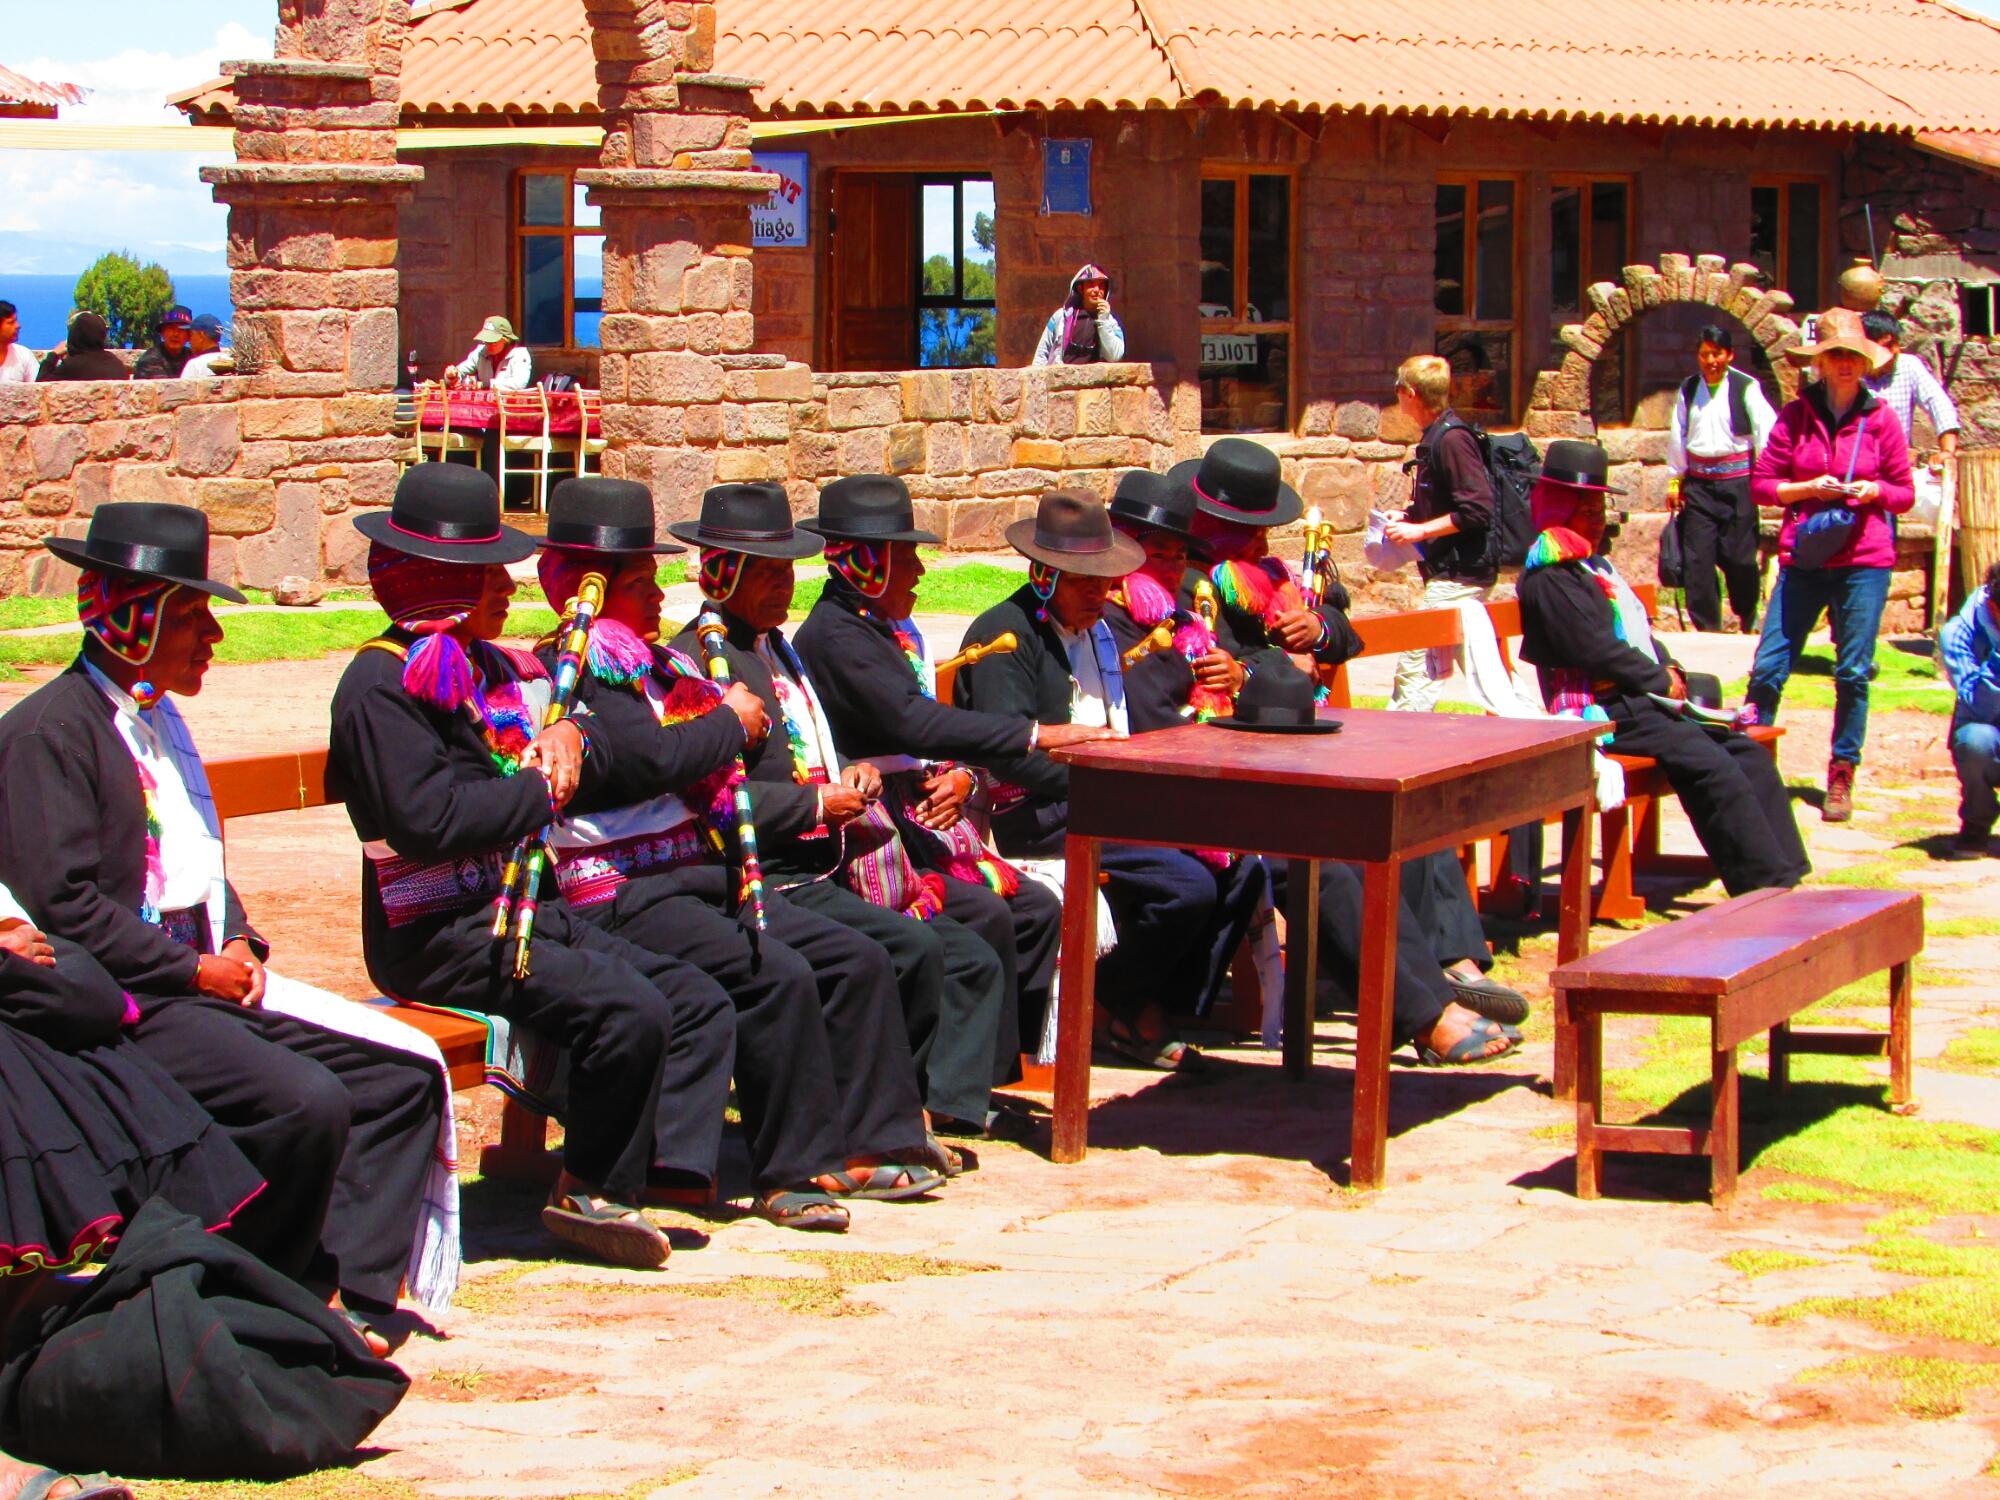 reunión semanal de jefes de barrios en la isla Taquile en el lago Titicaca